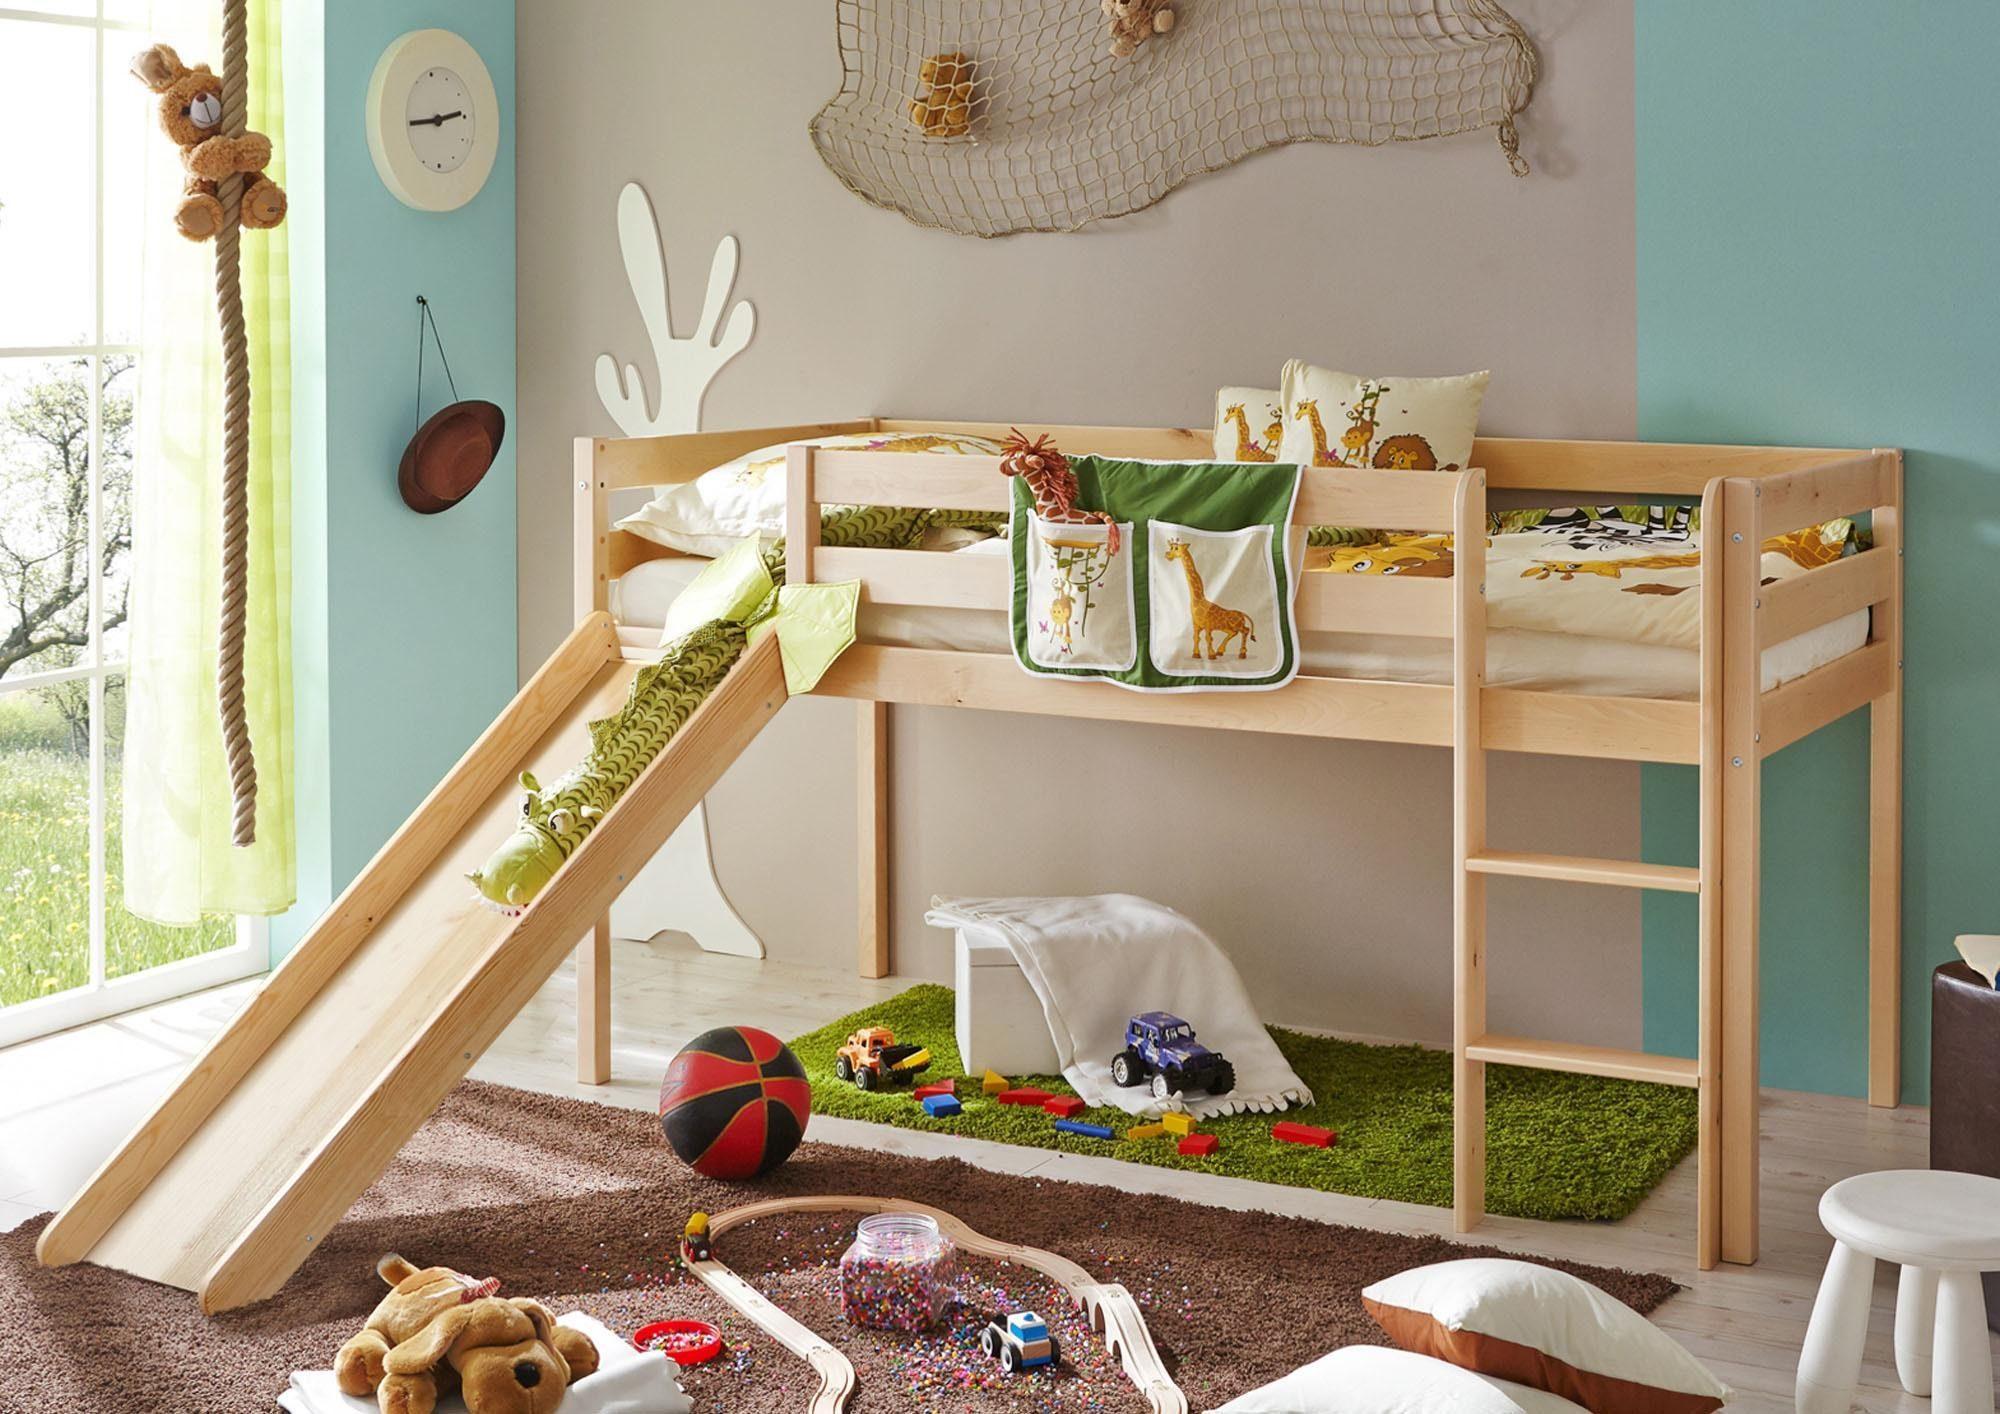 Etagenbett Kinder Rutsche : Etagenbett mit rutsche ikea kinder